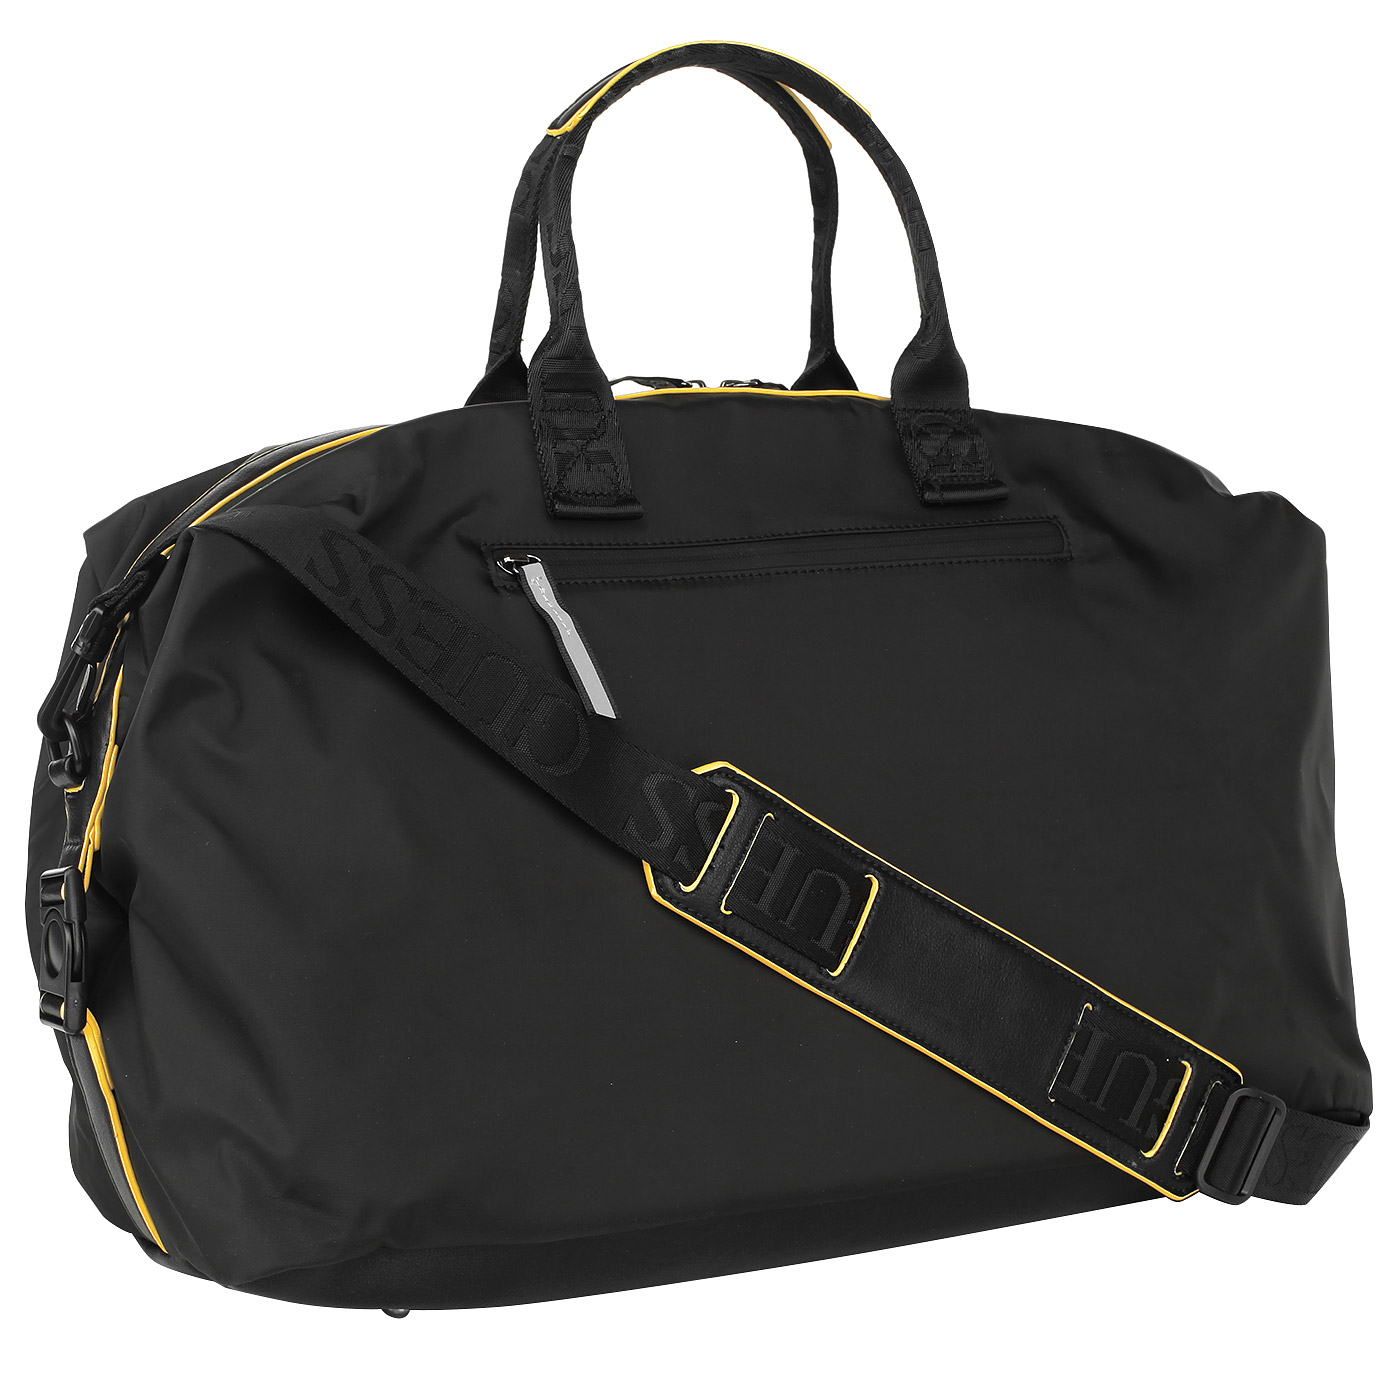 db7fda57dcbb Мужская дорожная сумка с плечевым ремнем Guess TM6117 NYL73 black ...